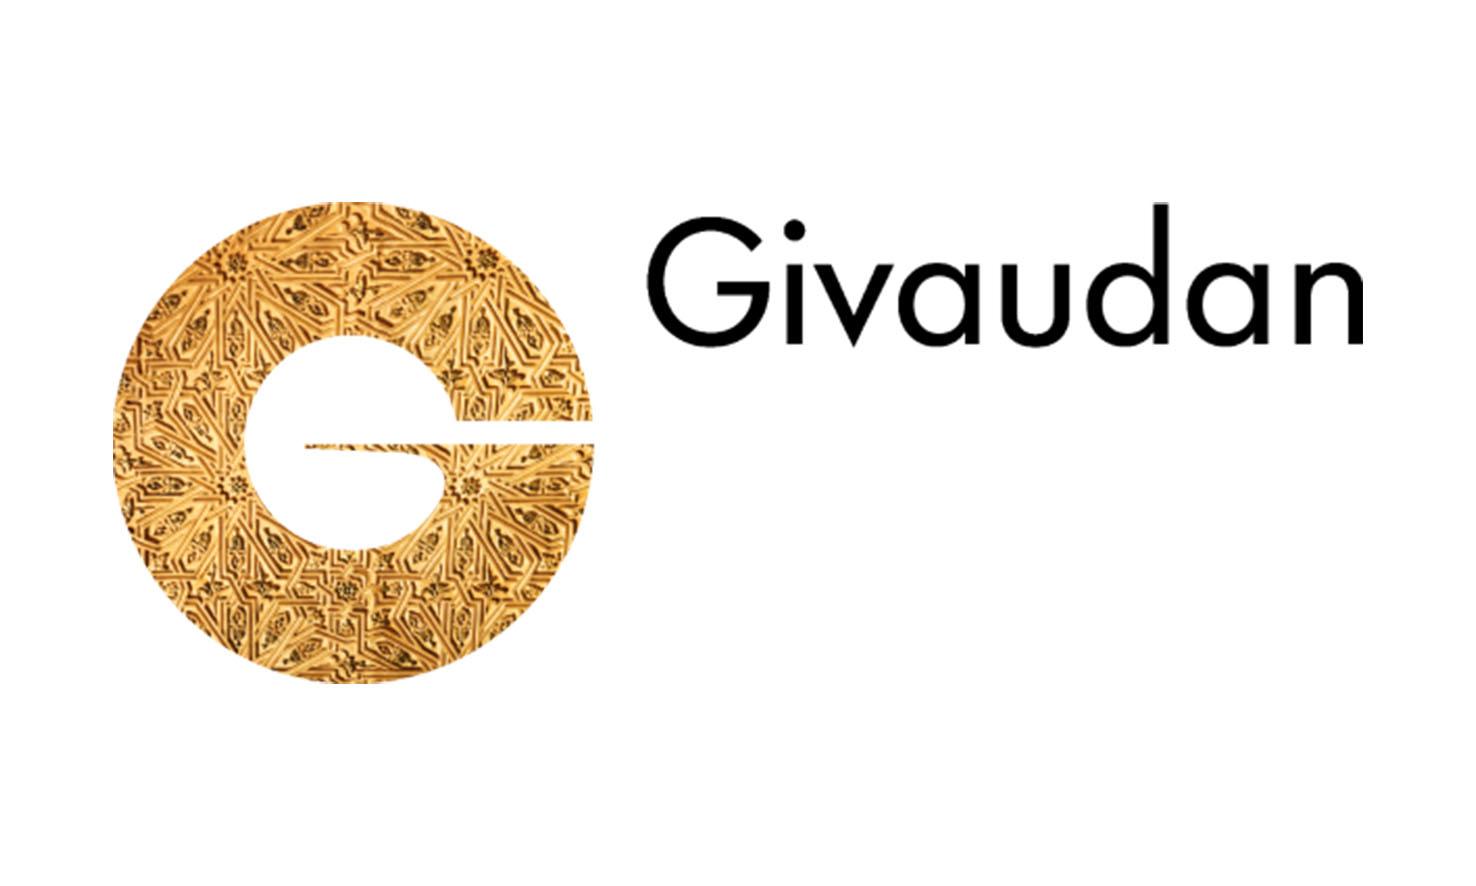 Givaudan SA